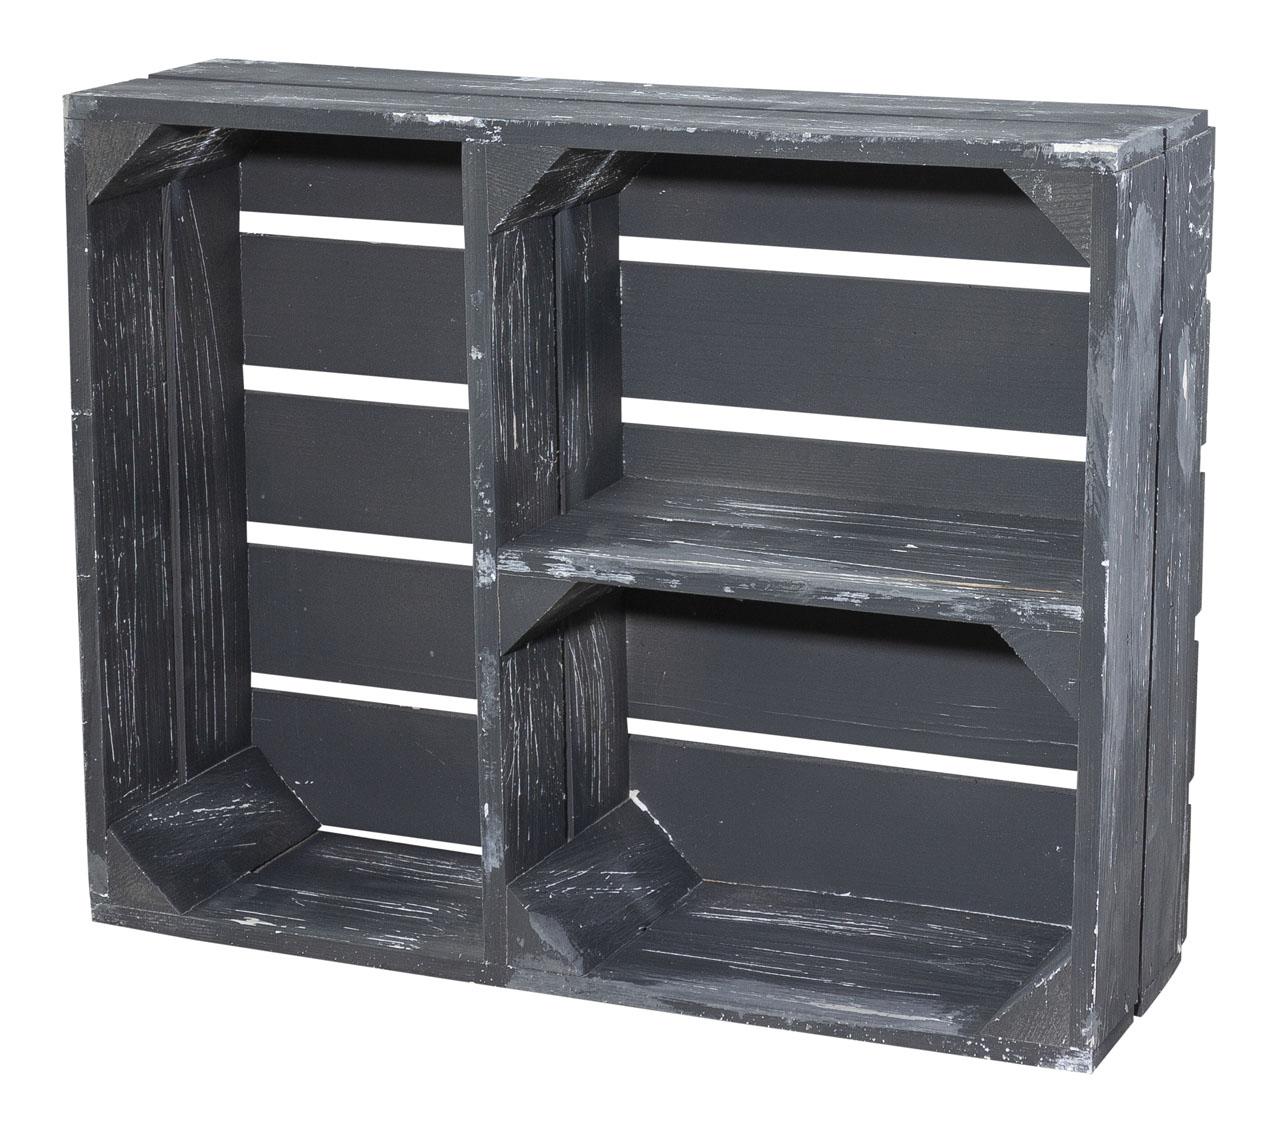 Regalkiste flach in shabby schwarz mit 3 Fächern 50x40x15cm